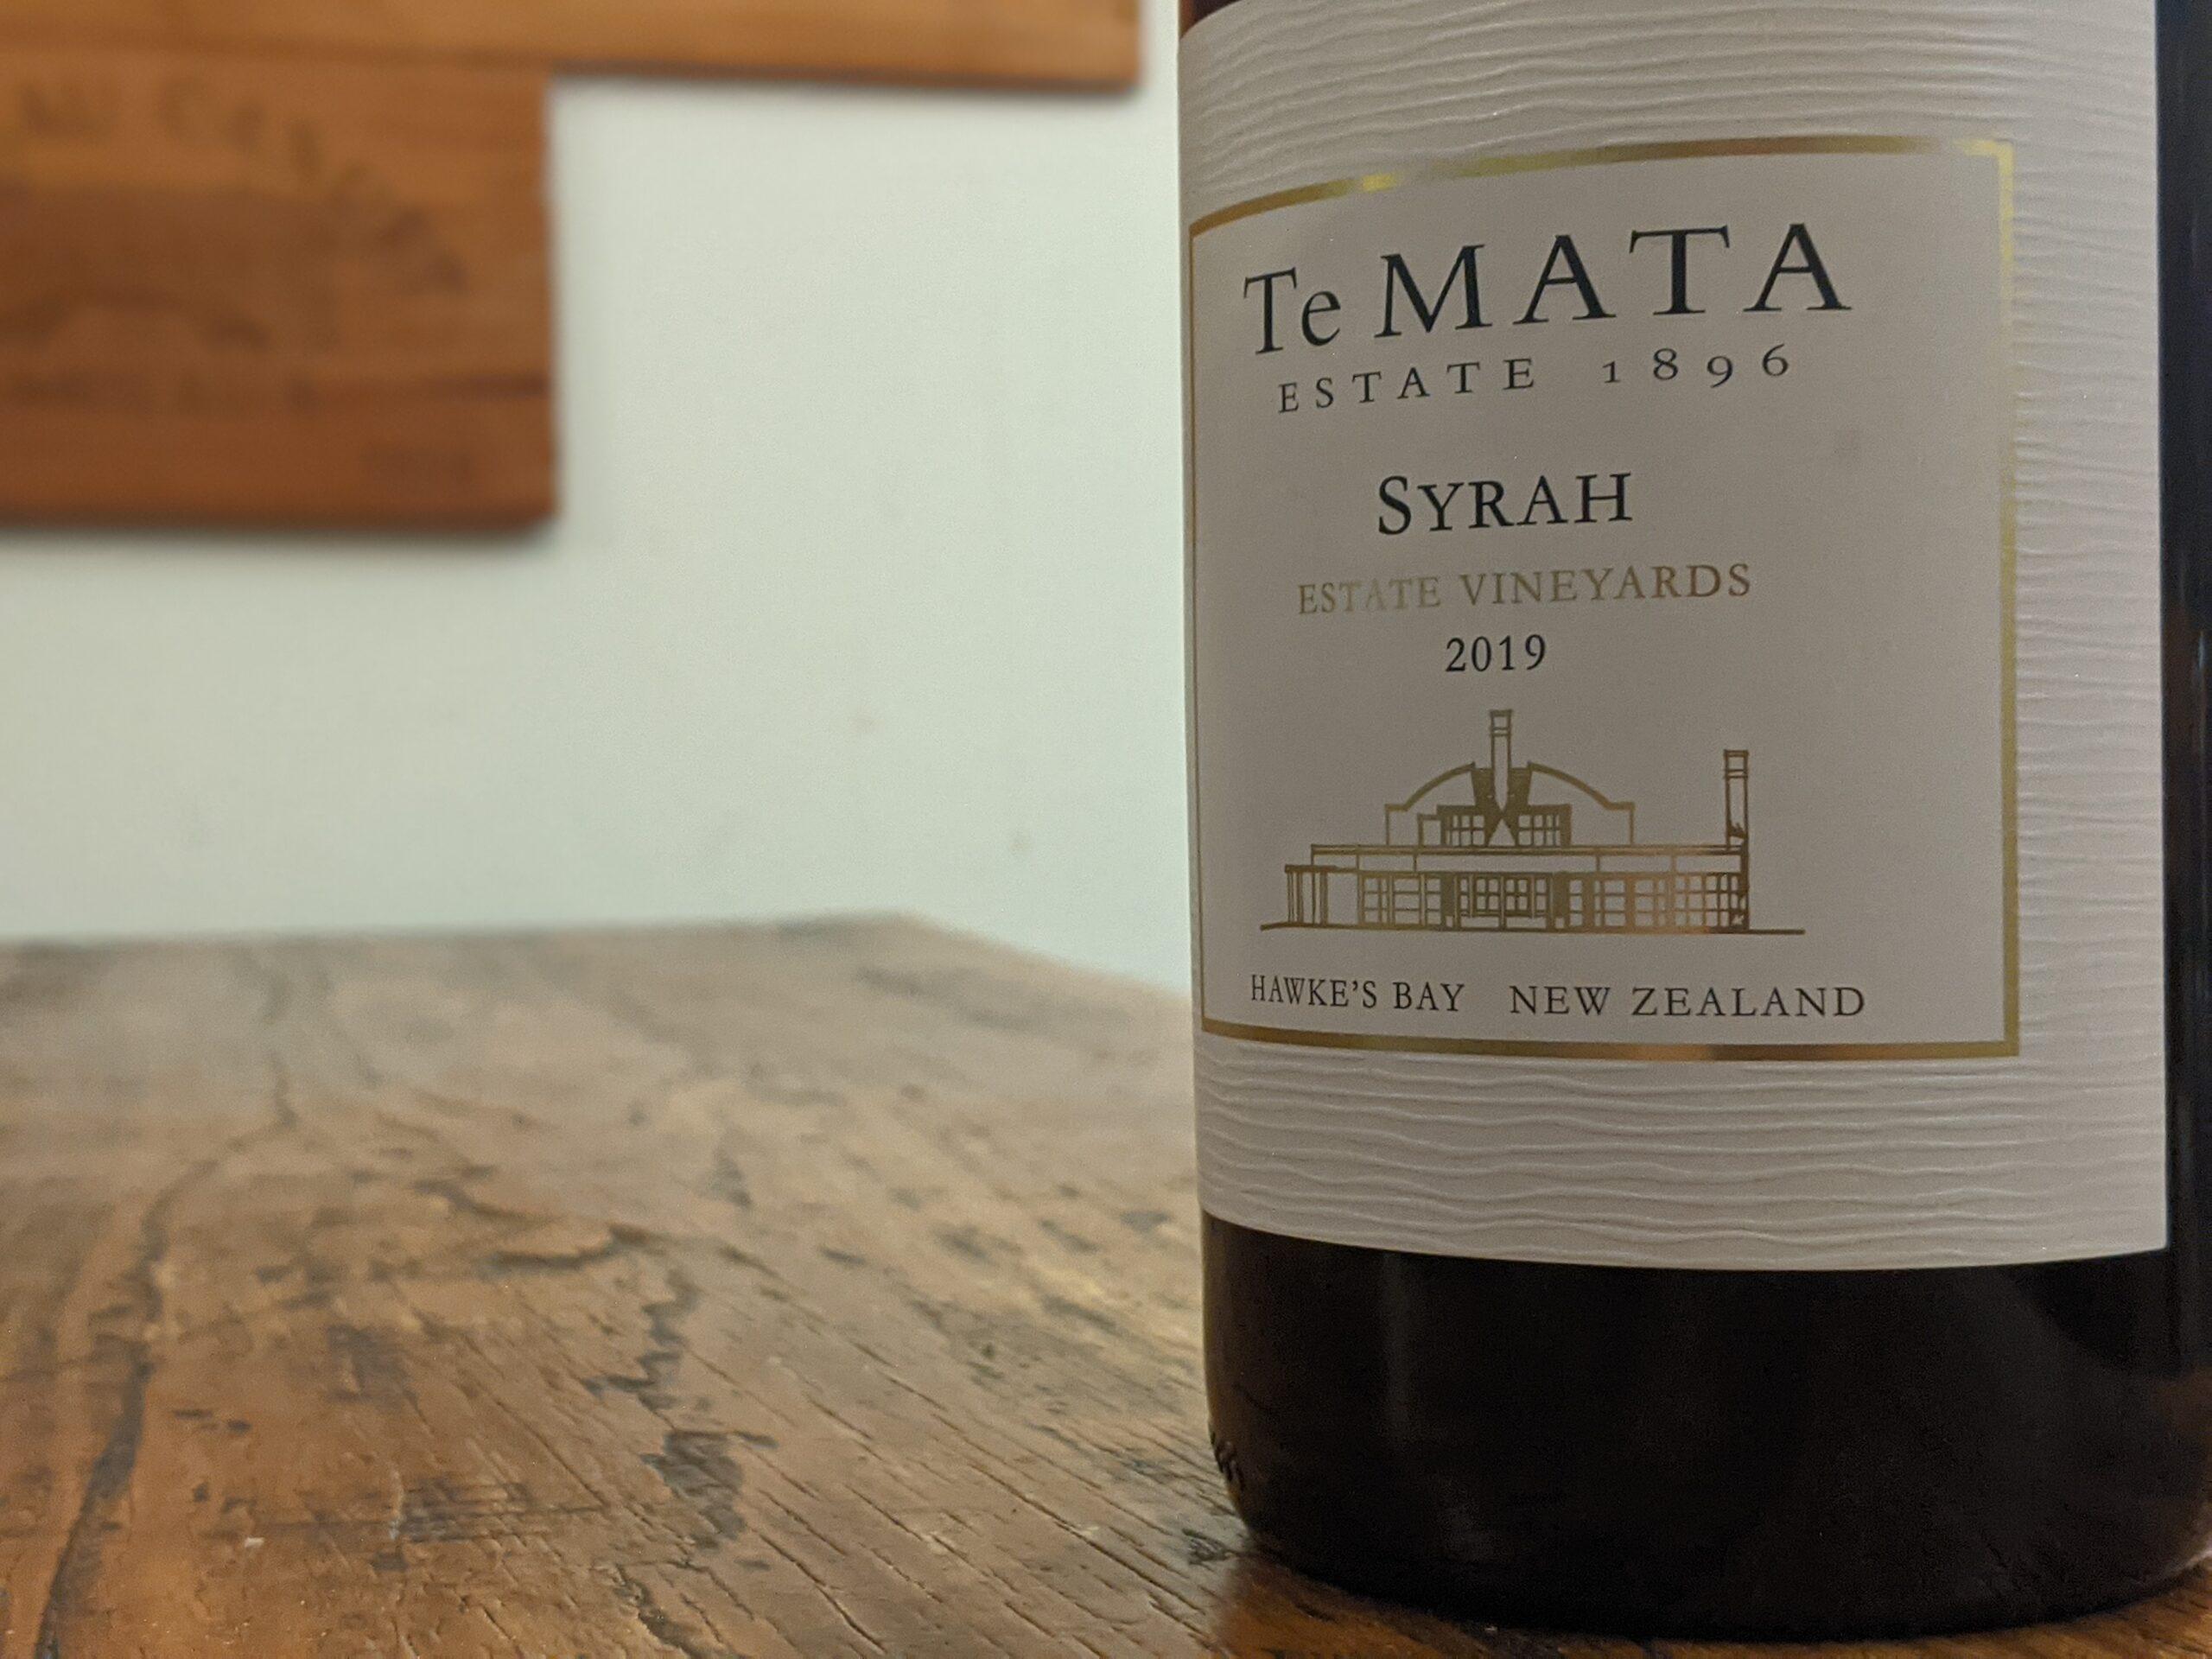 Te Mata 2019 Estate Vineyards Syrah, Hawke's Bay